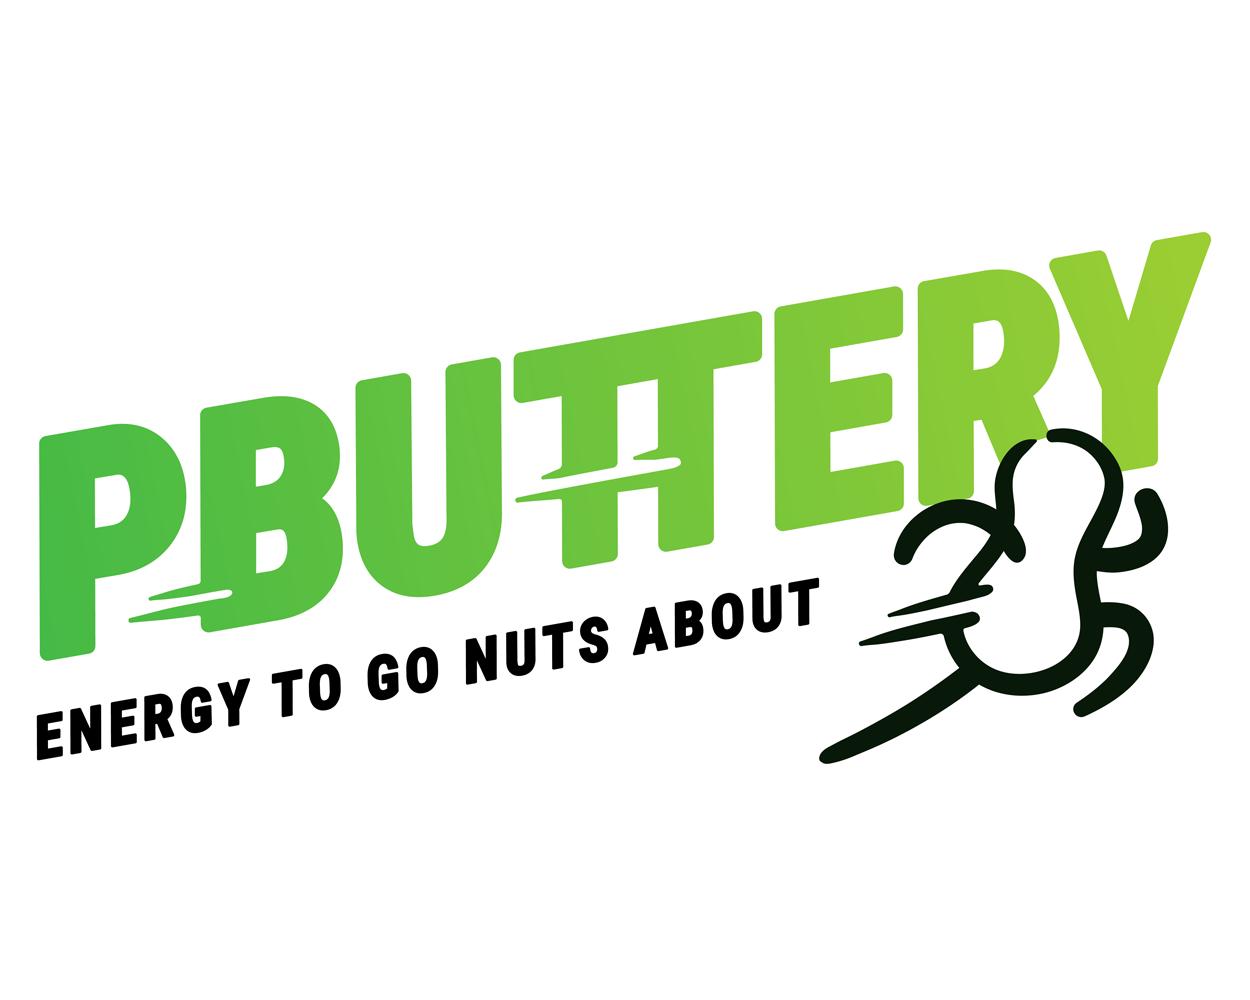 P Buttery Logo